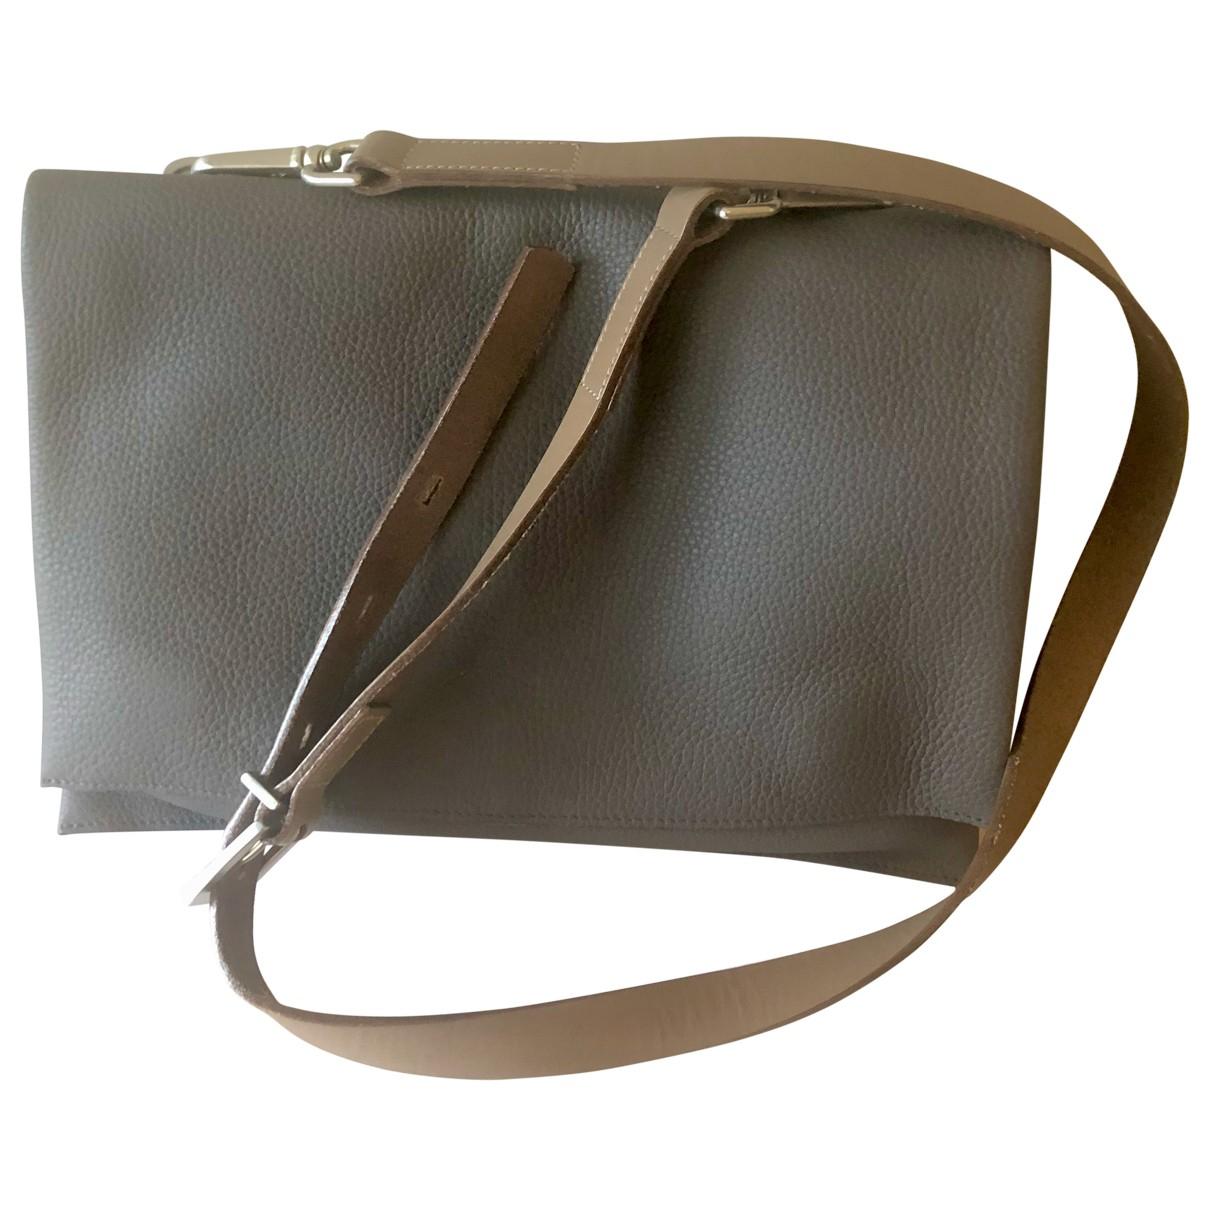 Ally Capellino \N Grey Leather handbag for Women \N